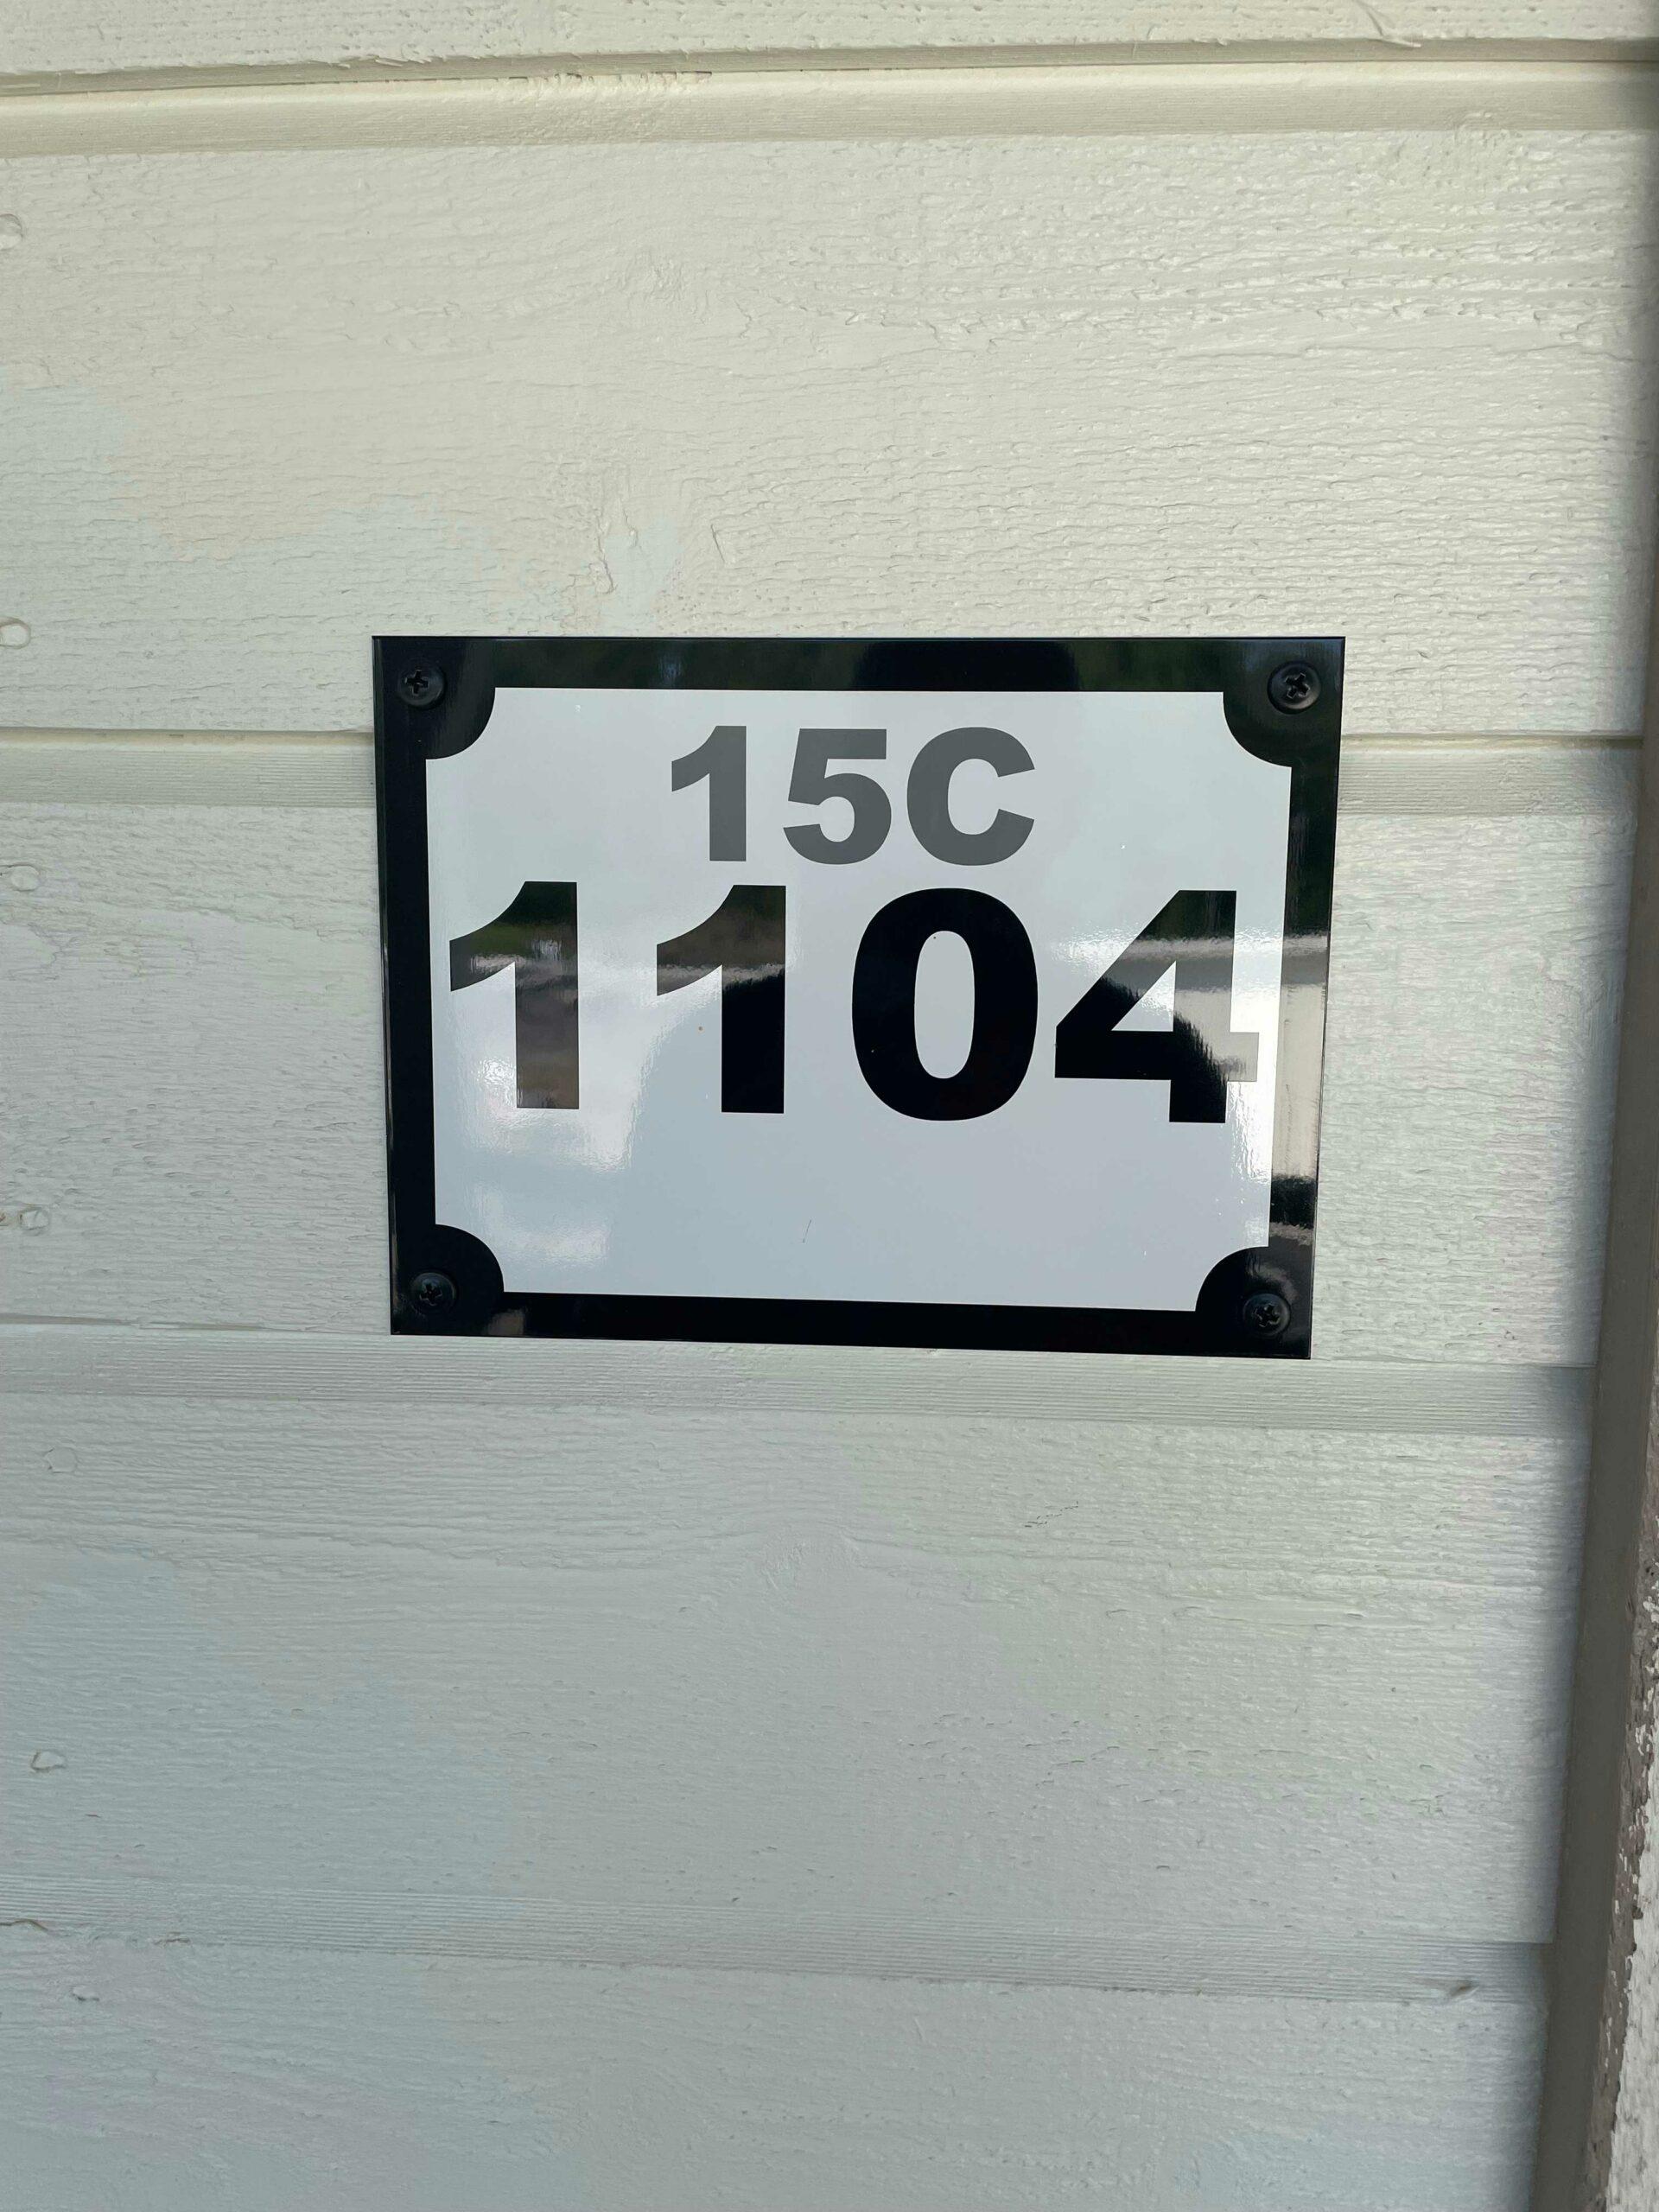 Mejselv-15C-1104-skylt